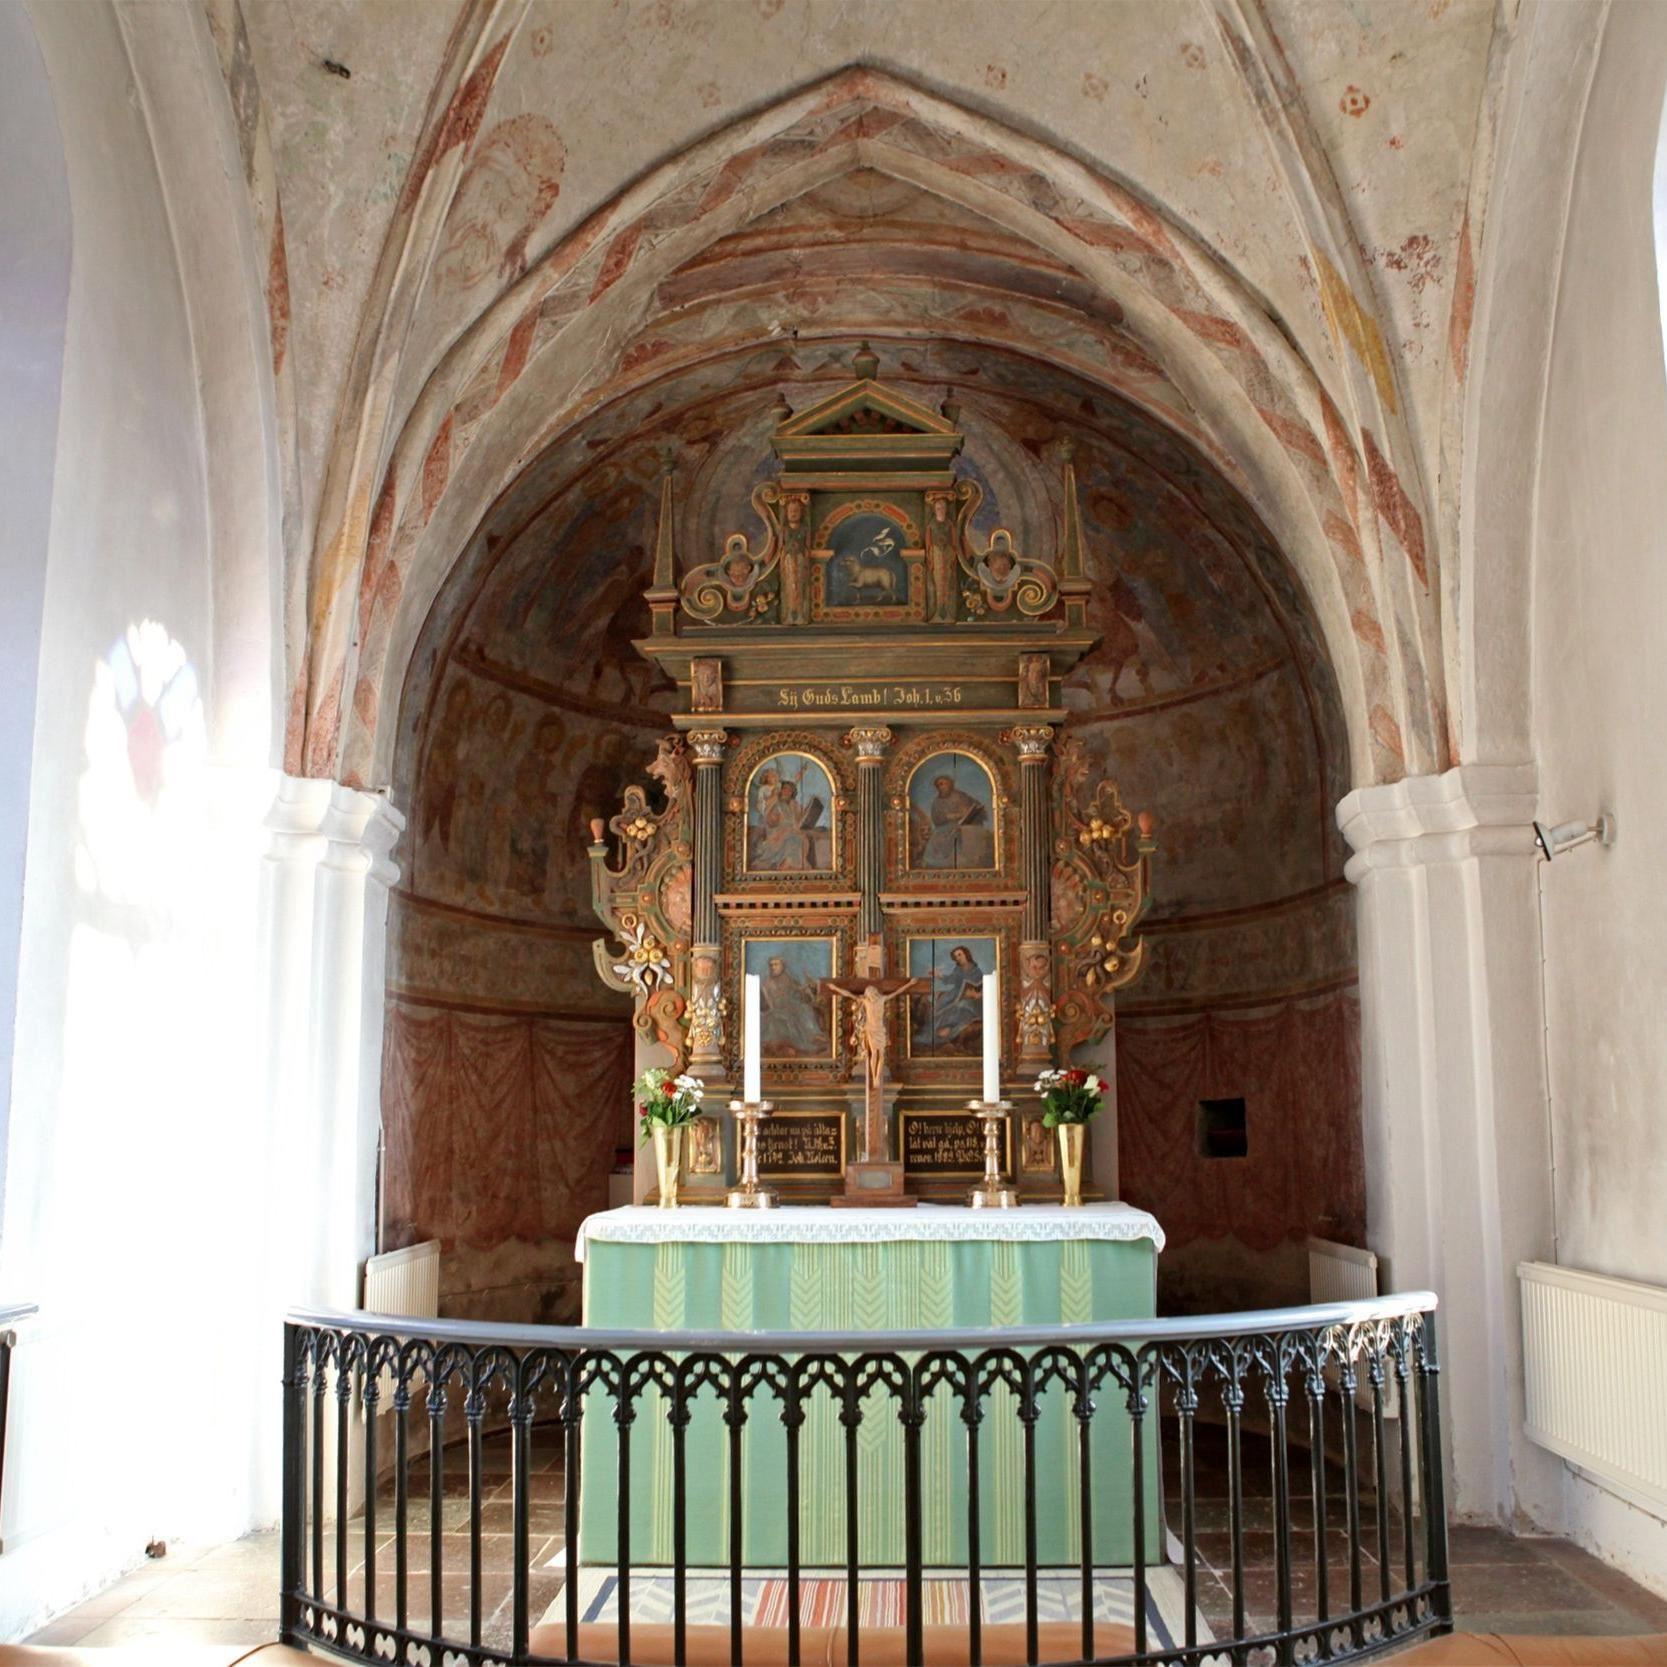 © Kävlinge kommun, Altartavla